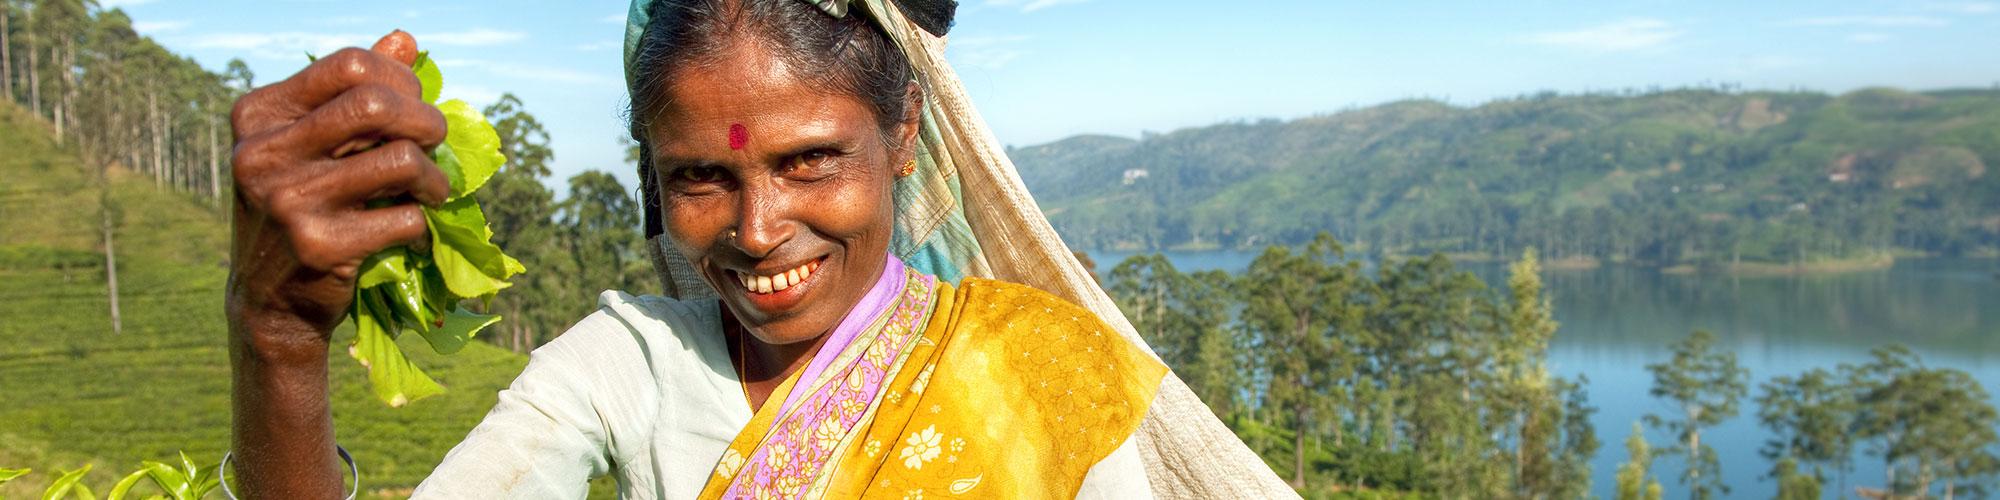 La région montagneuse du Sri Lanka